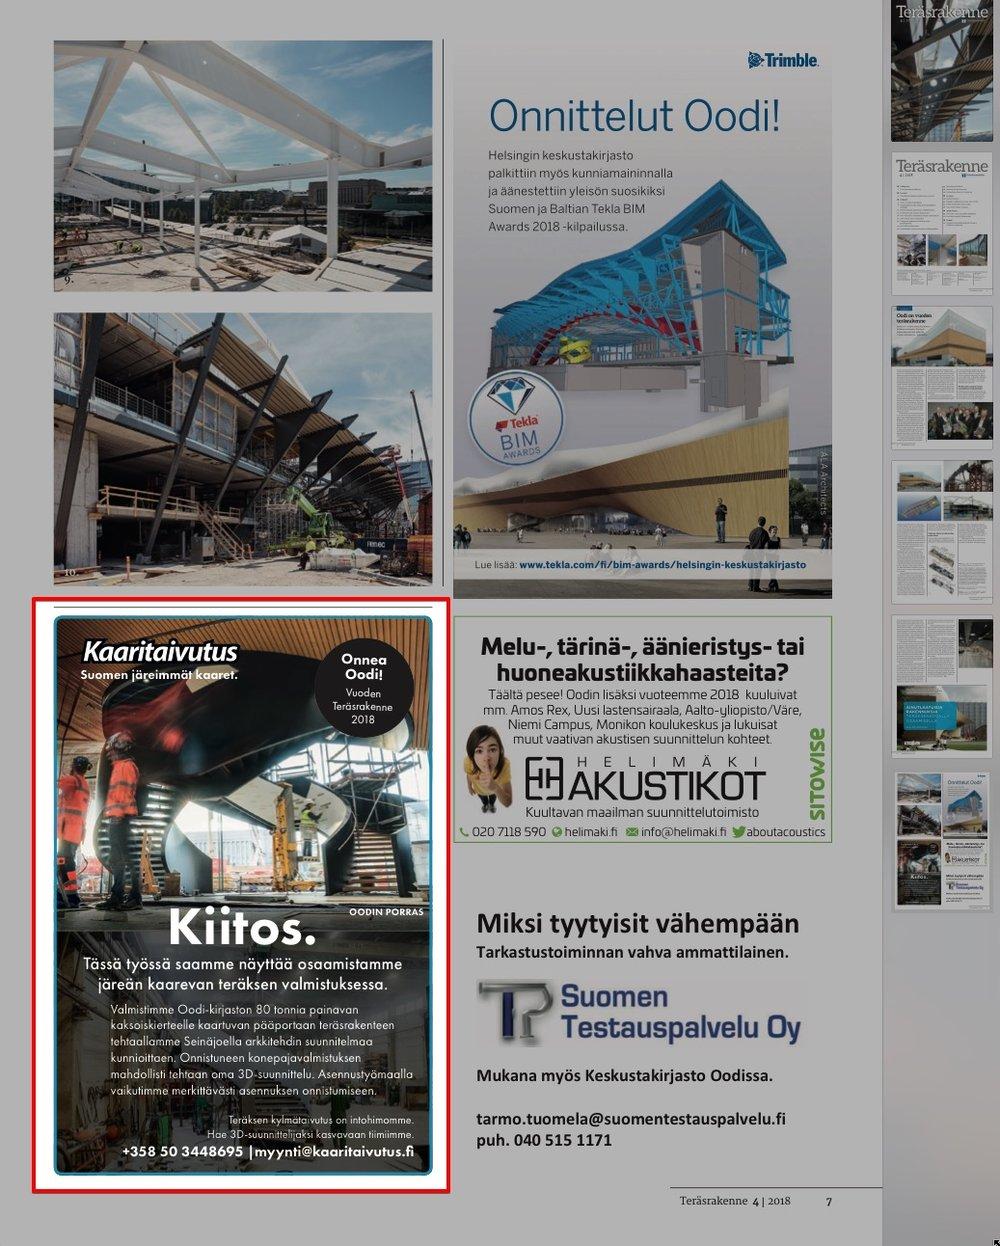 Lehti-ilmoituksemme Oodin pääportaasta, Teräsrakenne nro 4/2018